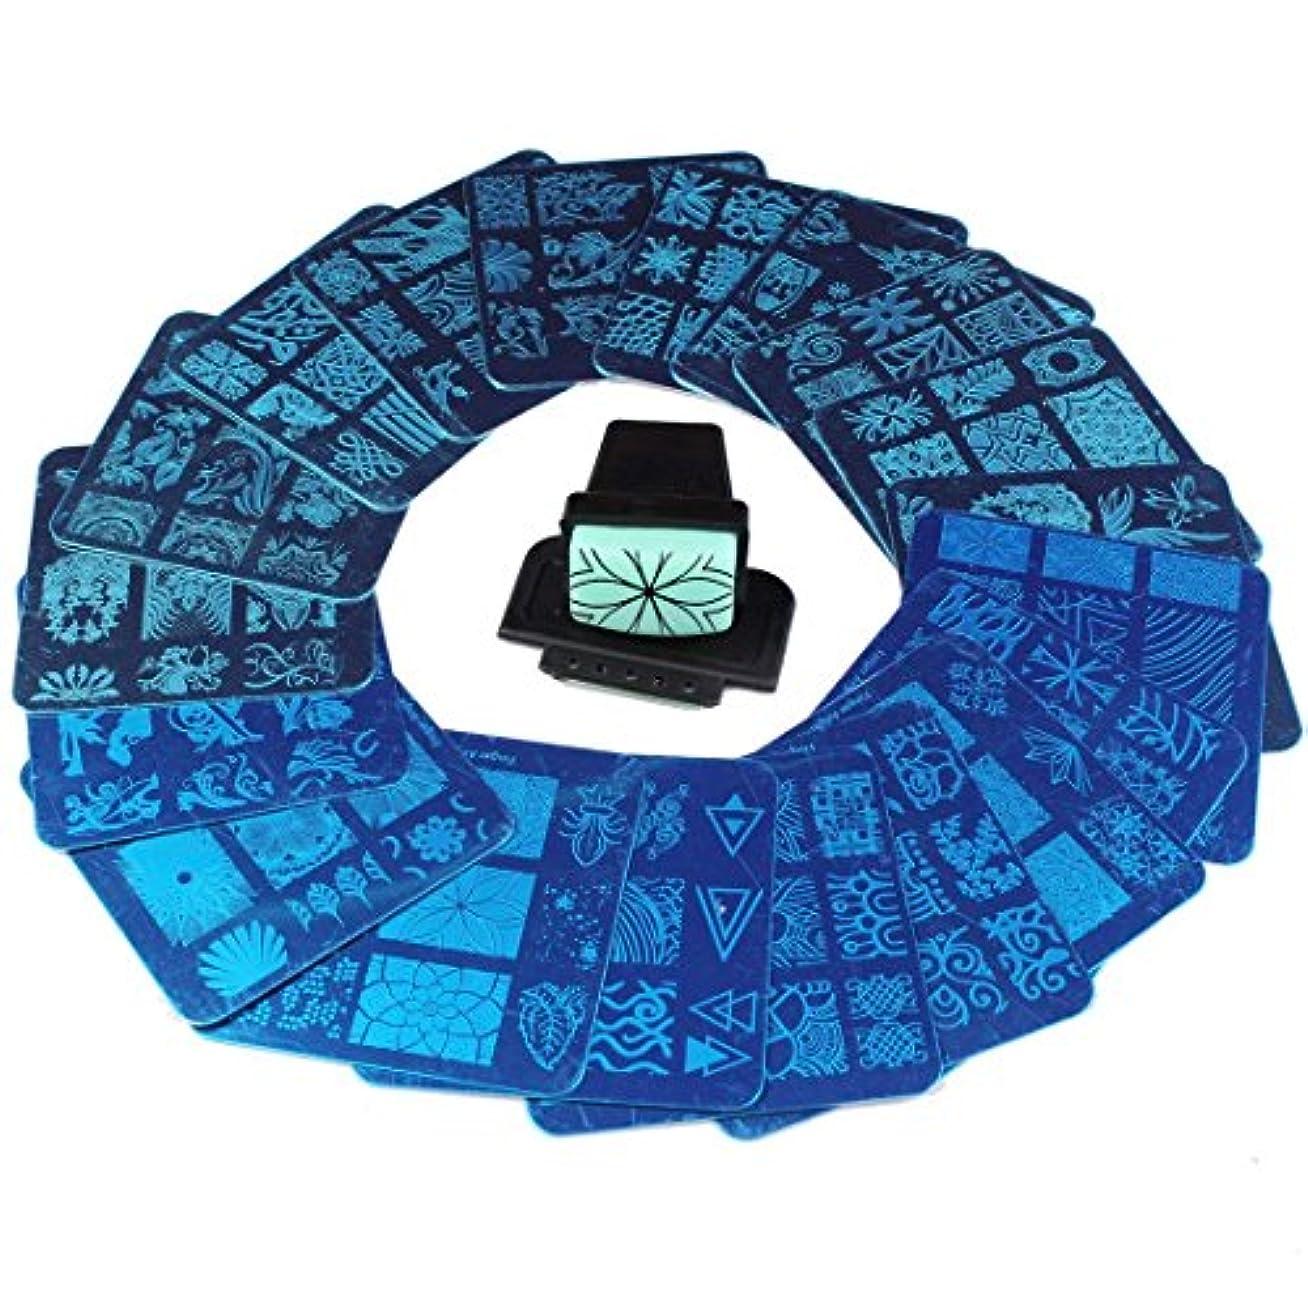 受信機つかむ同様のFingerAngel ネイルイメージプレートセット ネイルプレート 正方形20枚 付き ネイルサロンも自宅も使えるネイルプレート